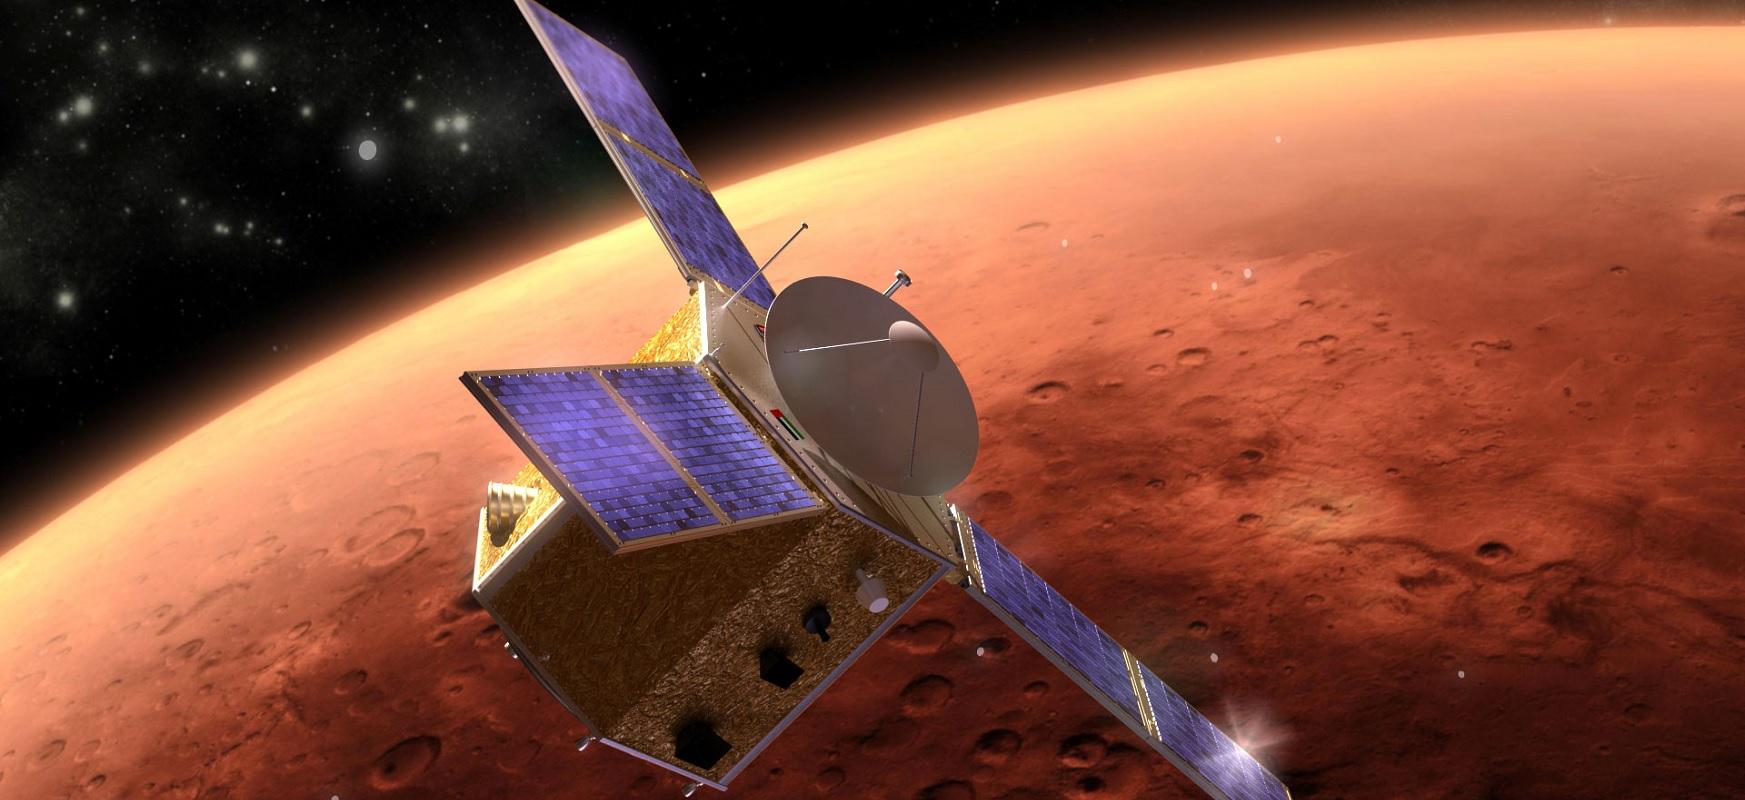 Emirates Mars Mission 'Hope' Mars Orbit Insertion